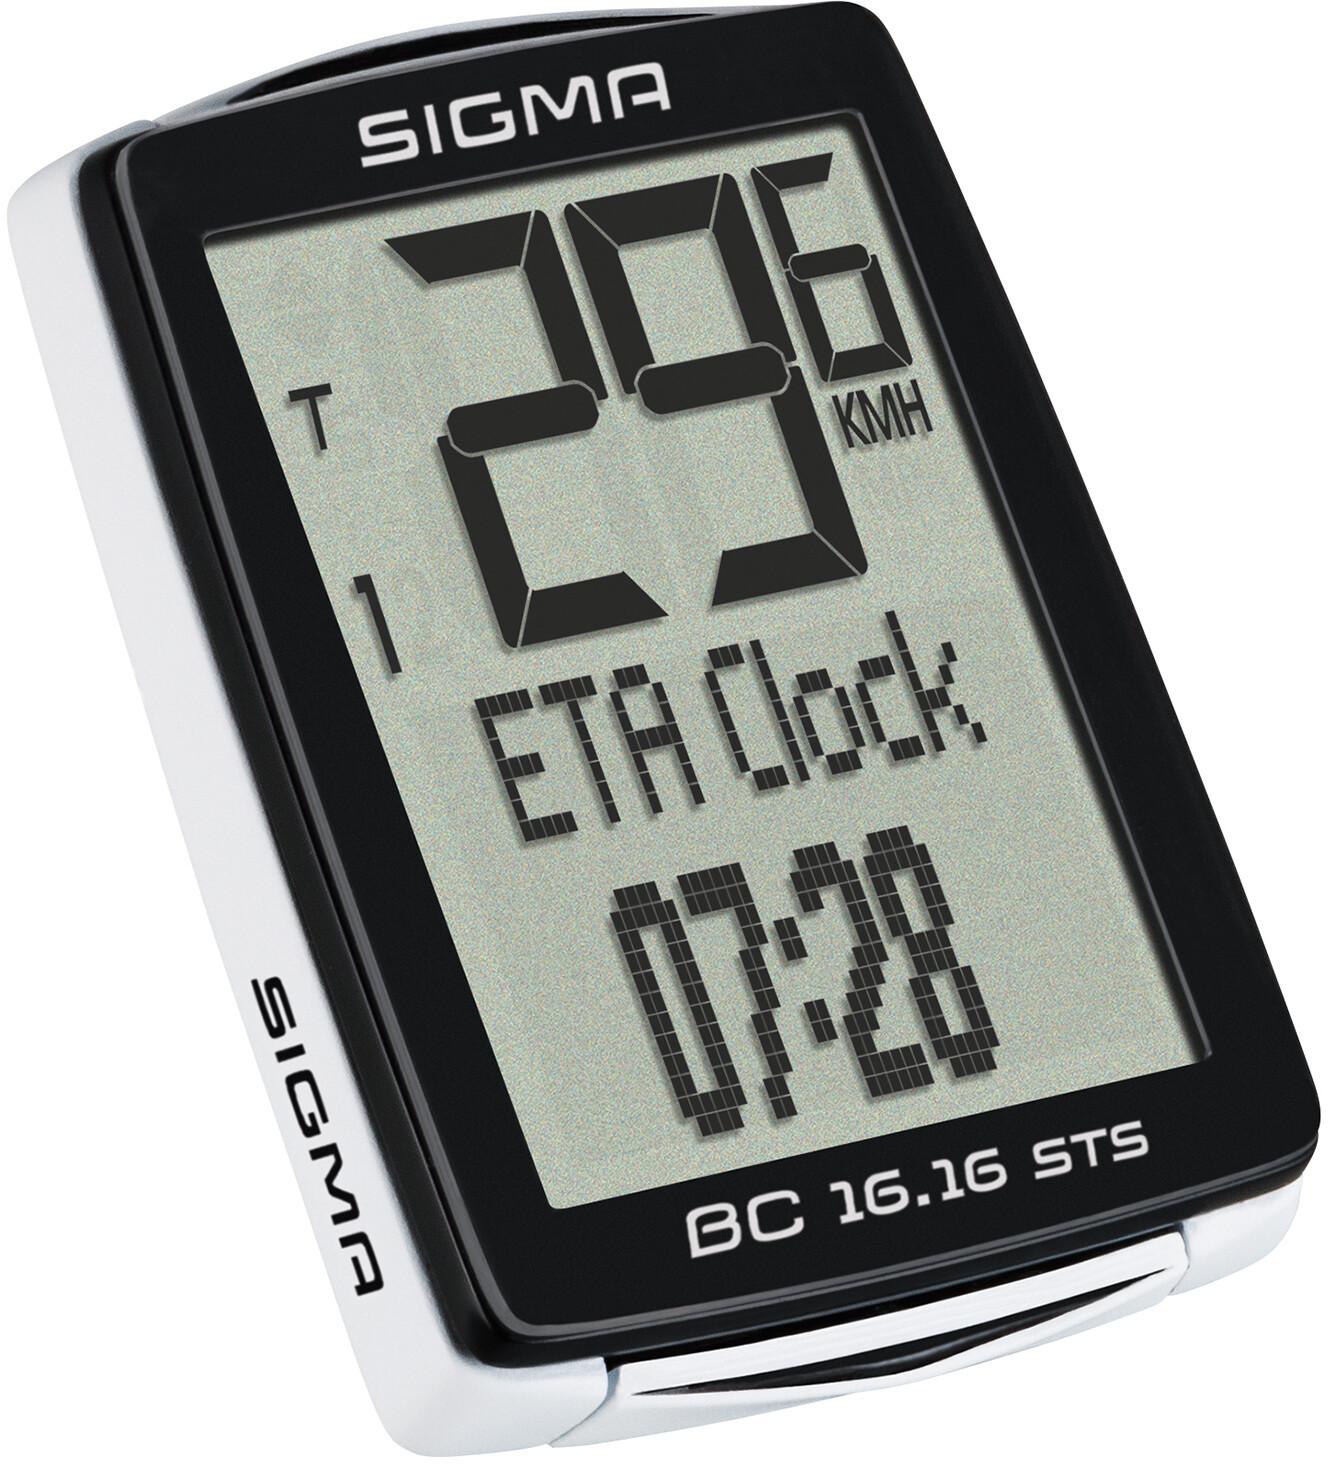 Sigma Ordinateur De Vélo BC 16.16 STS sans fil vélo Compteur de vitesse vélo Compteur de vitesse